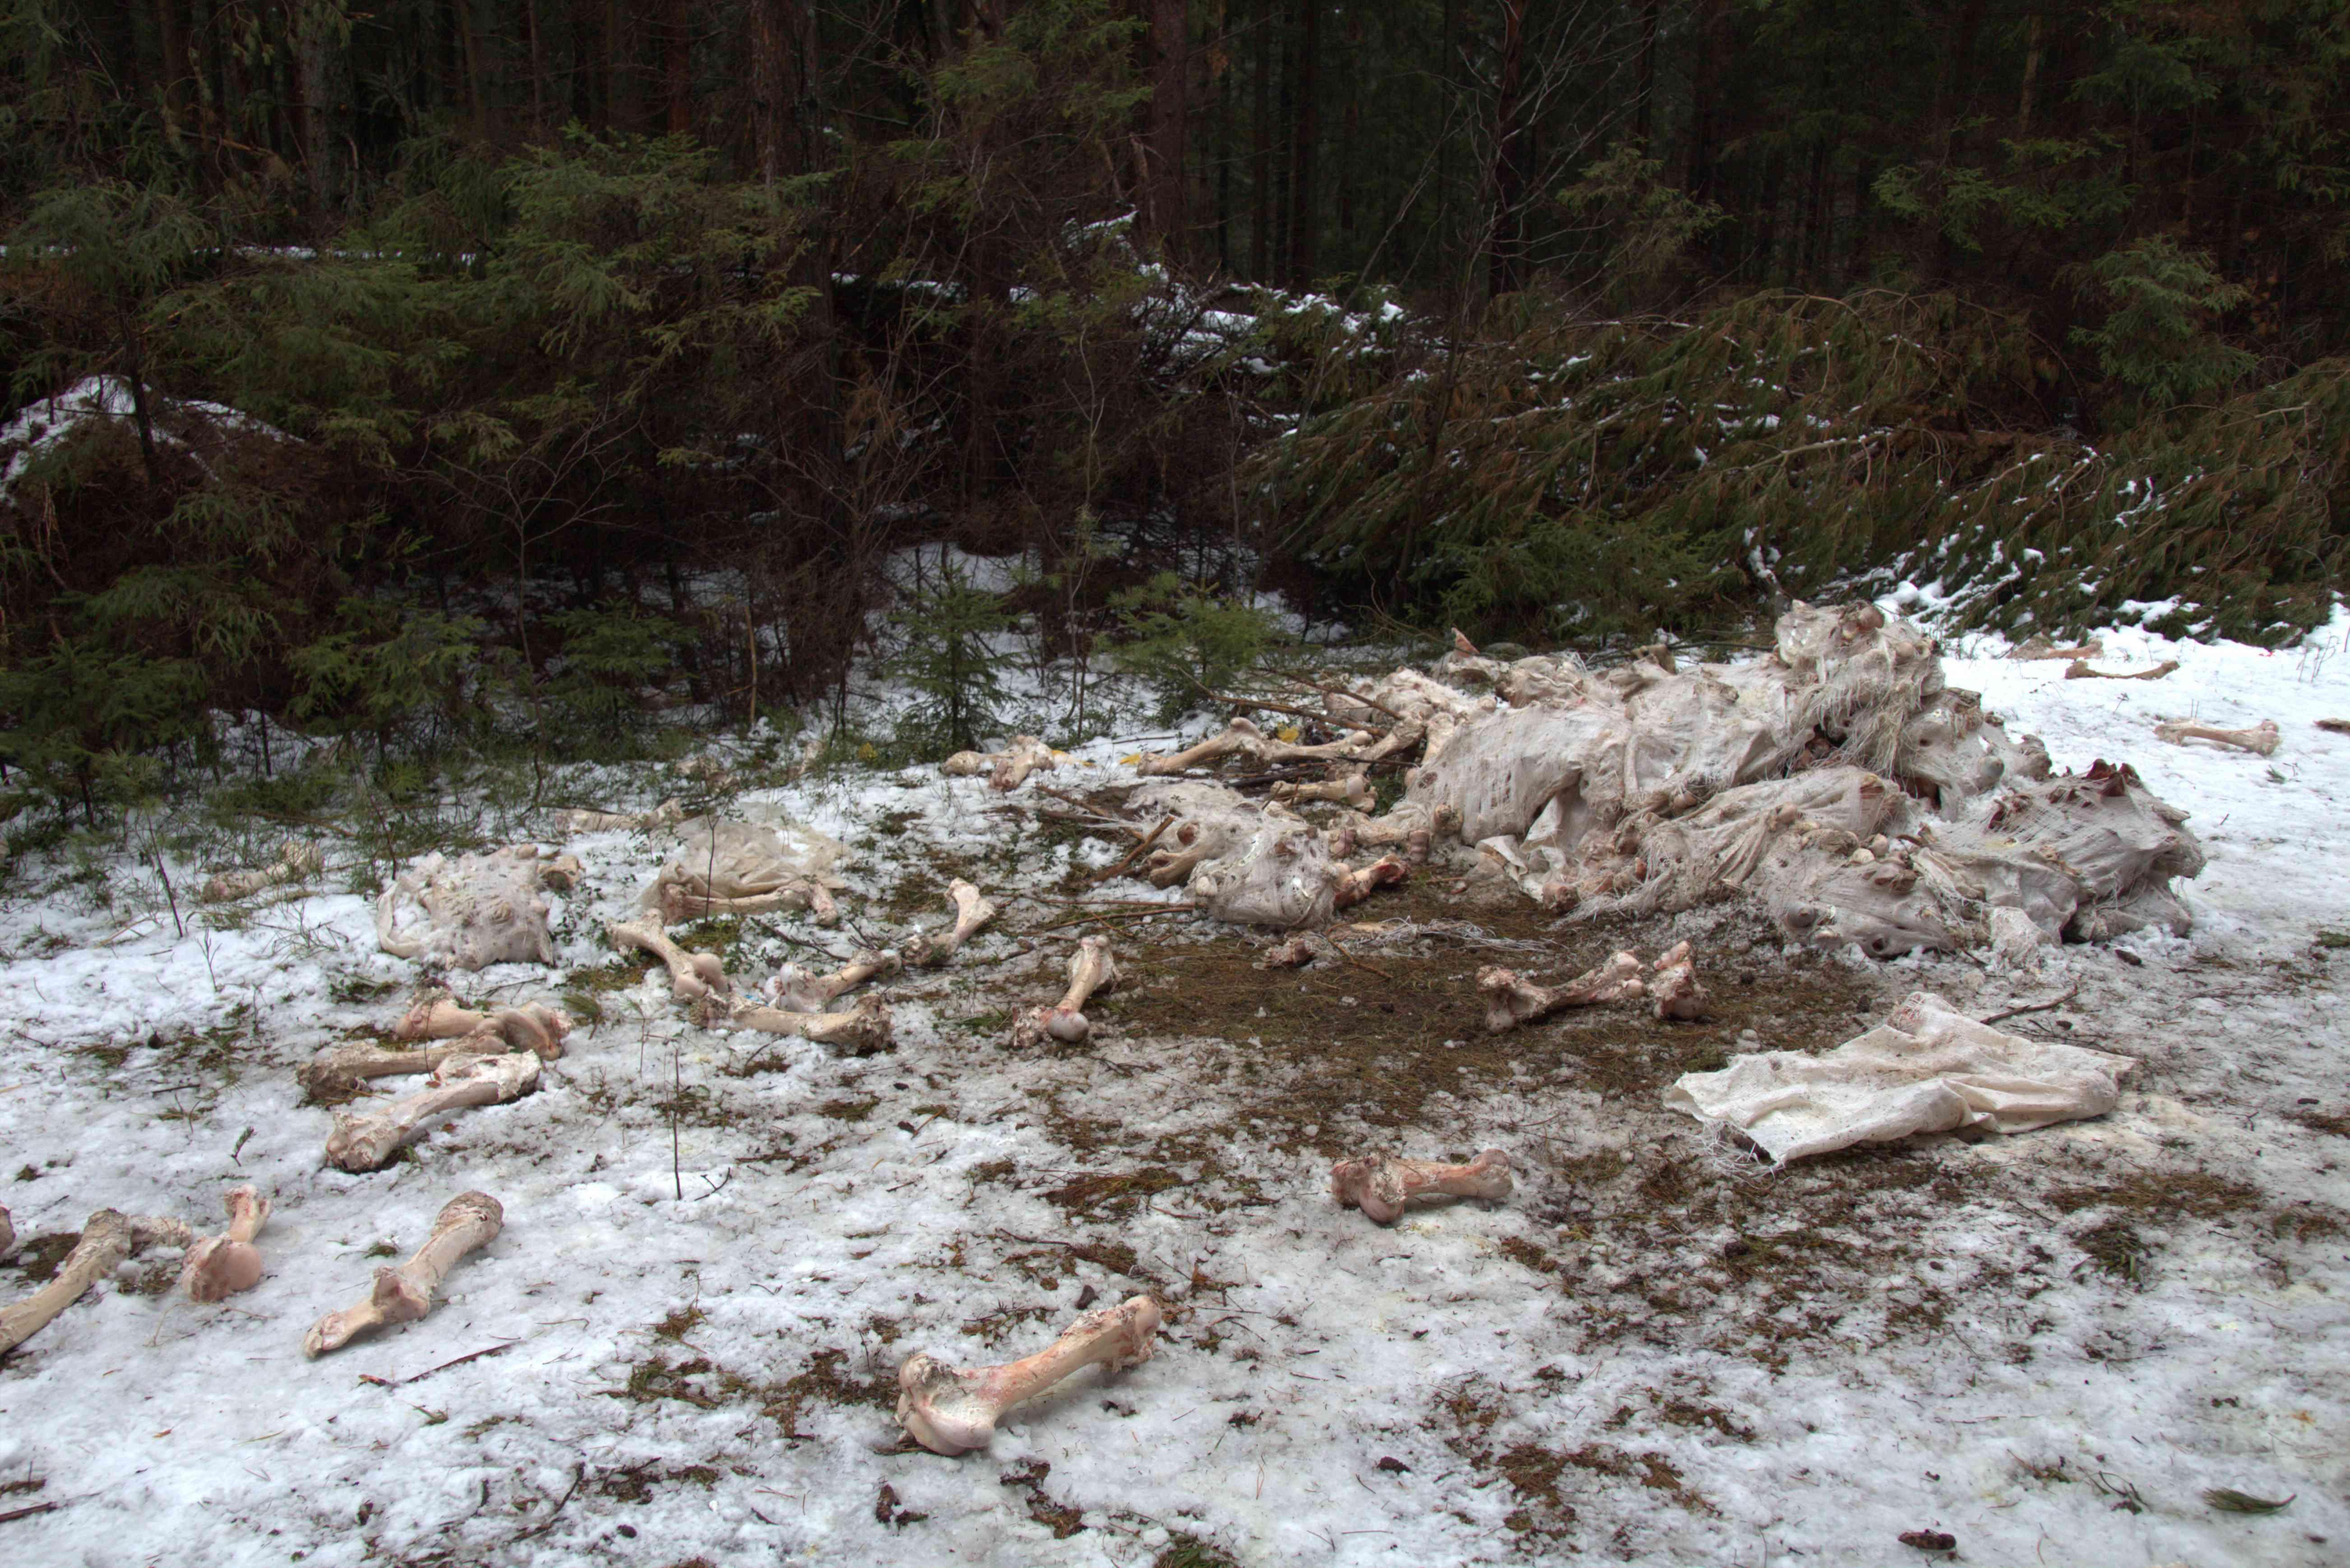 Установлено предприятие, устроившее свалку останков животных у деревни Нижние Булдаки.